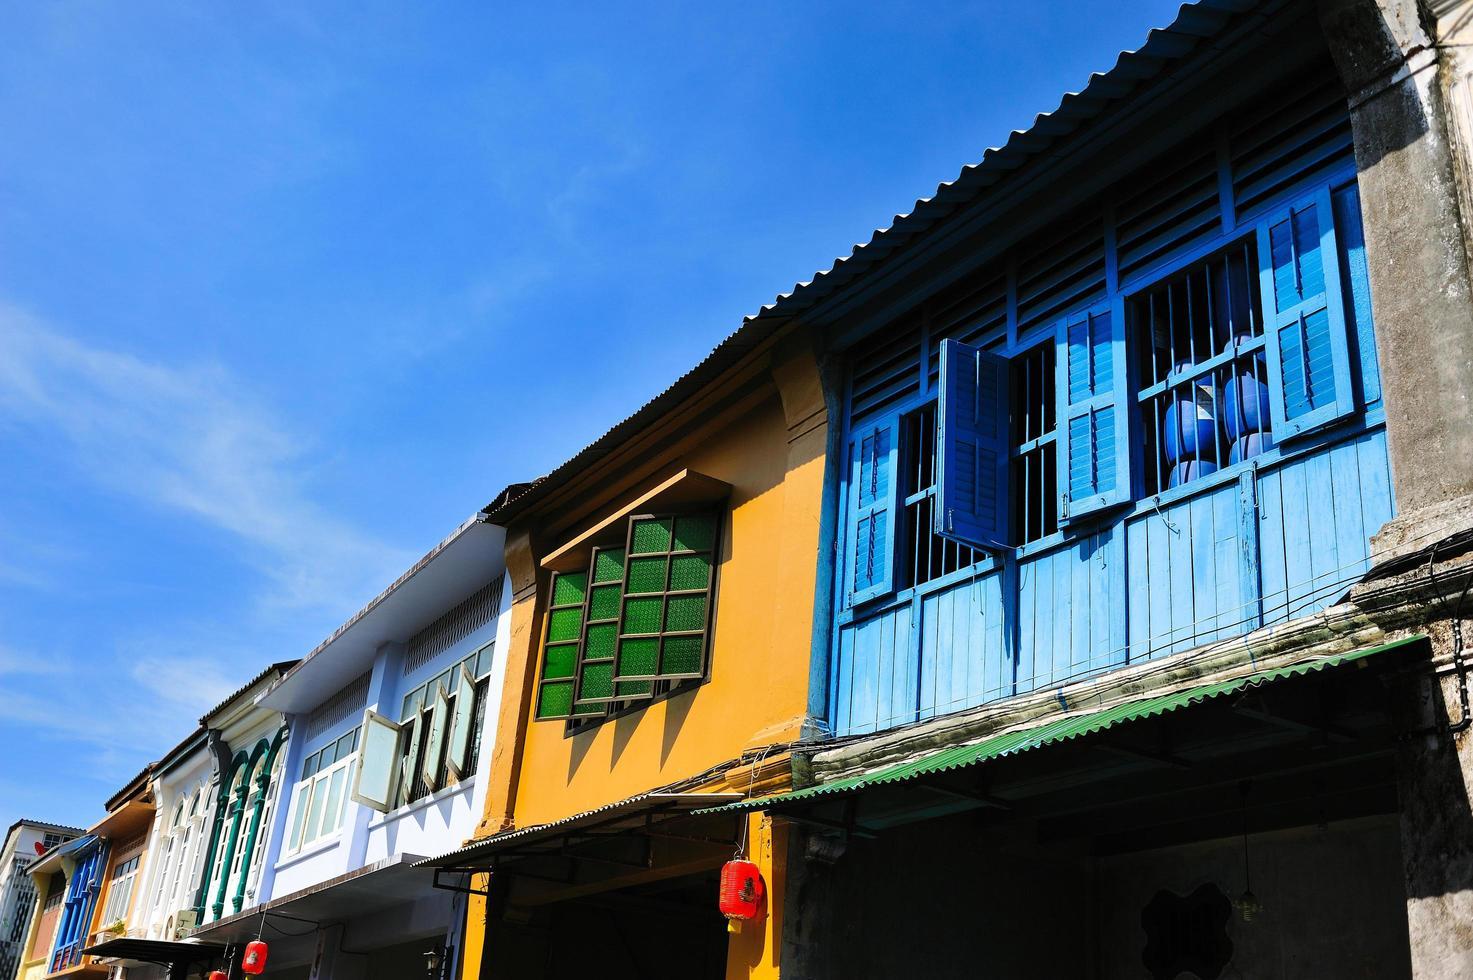 edificio antiguo en la ciudad de phuket foto